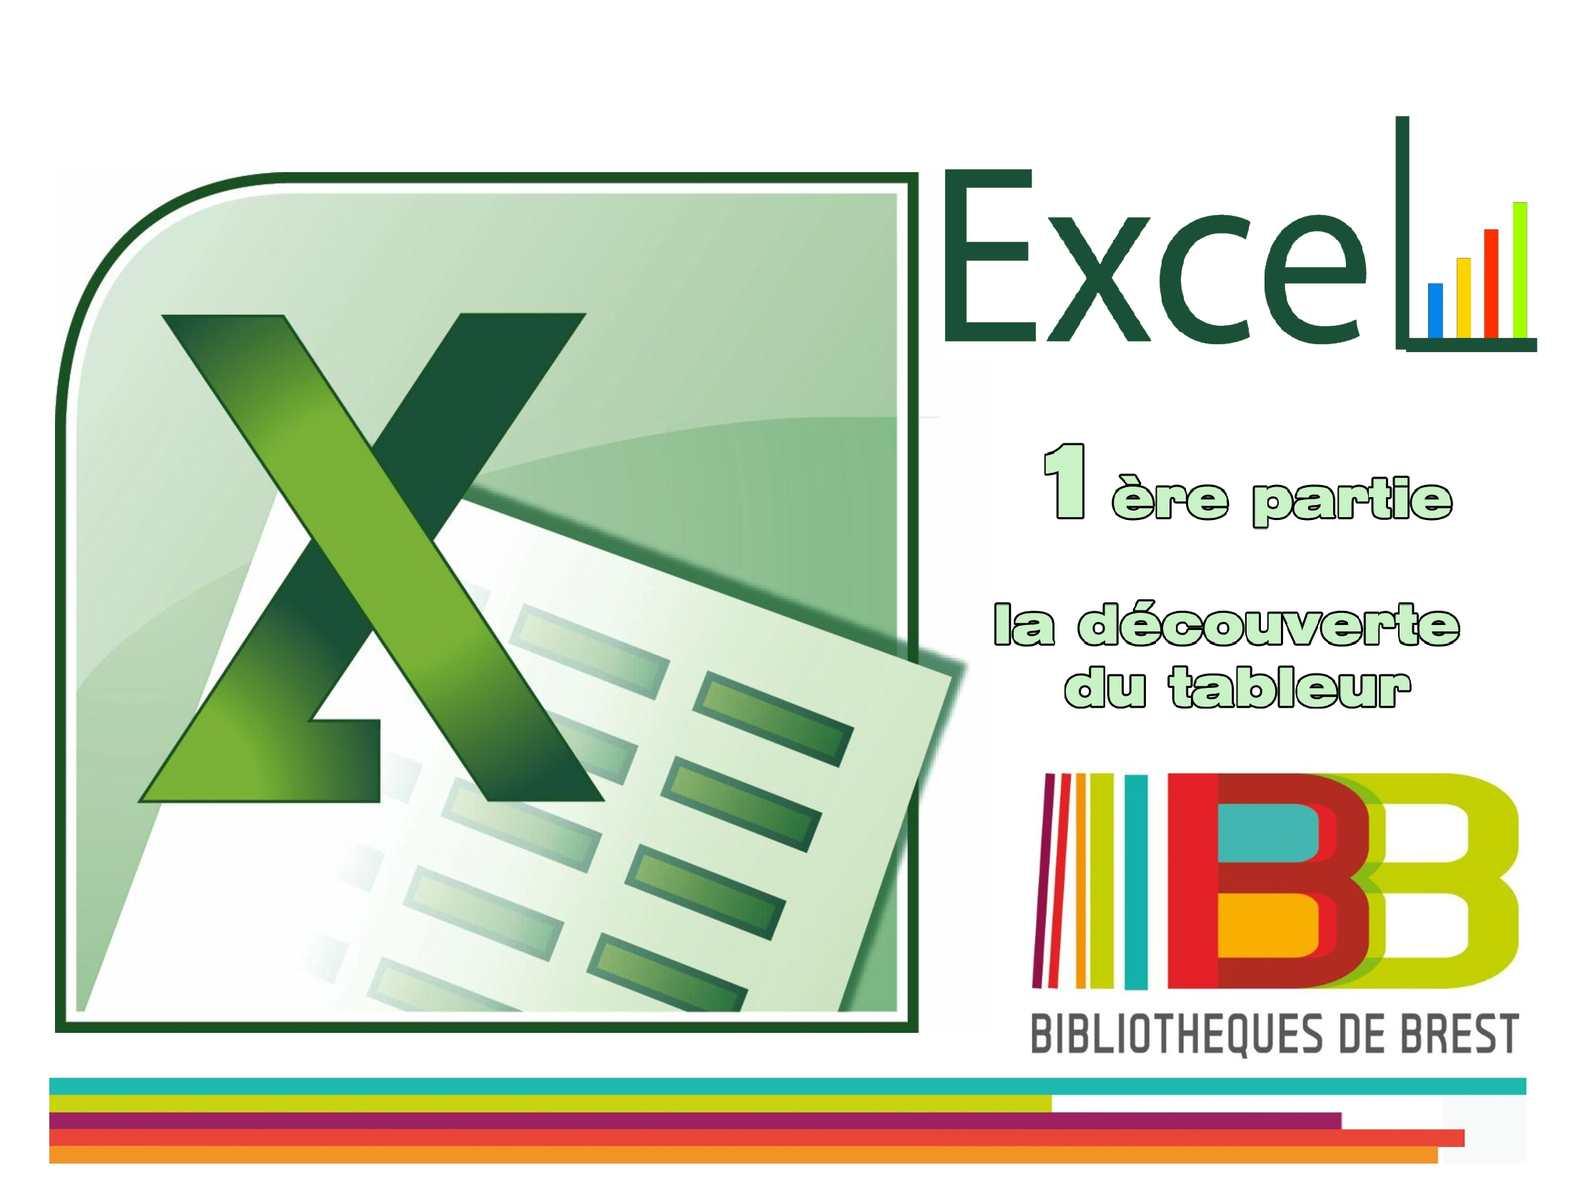 EXCEL - Découverte du tableur de Microsoft (1/..)